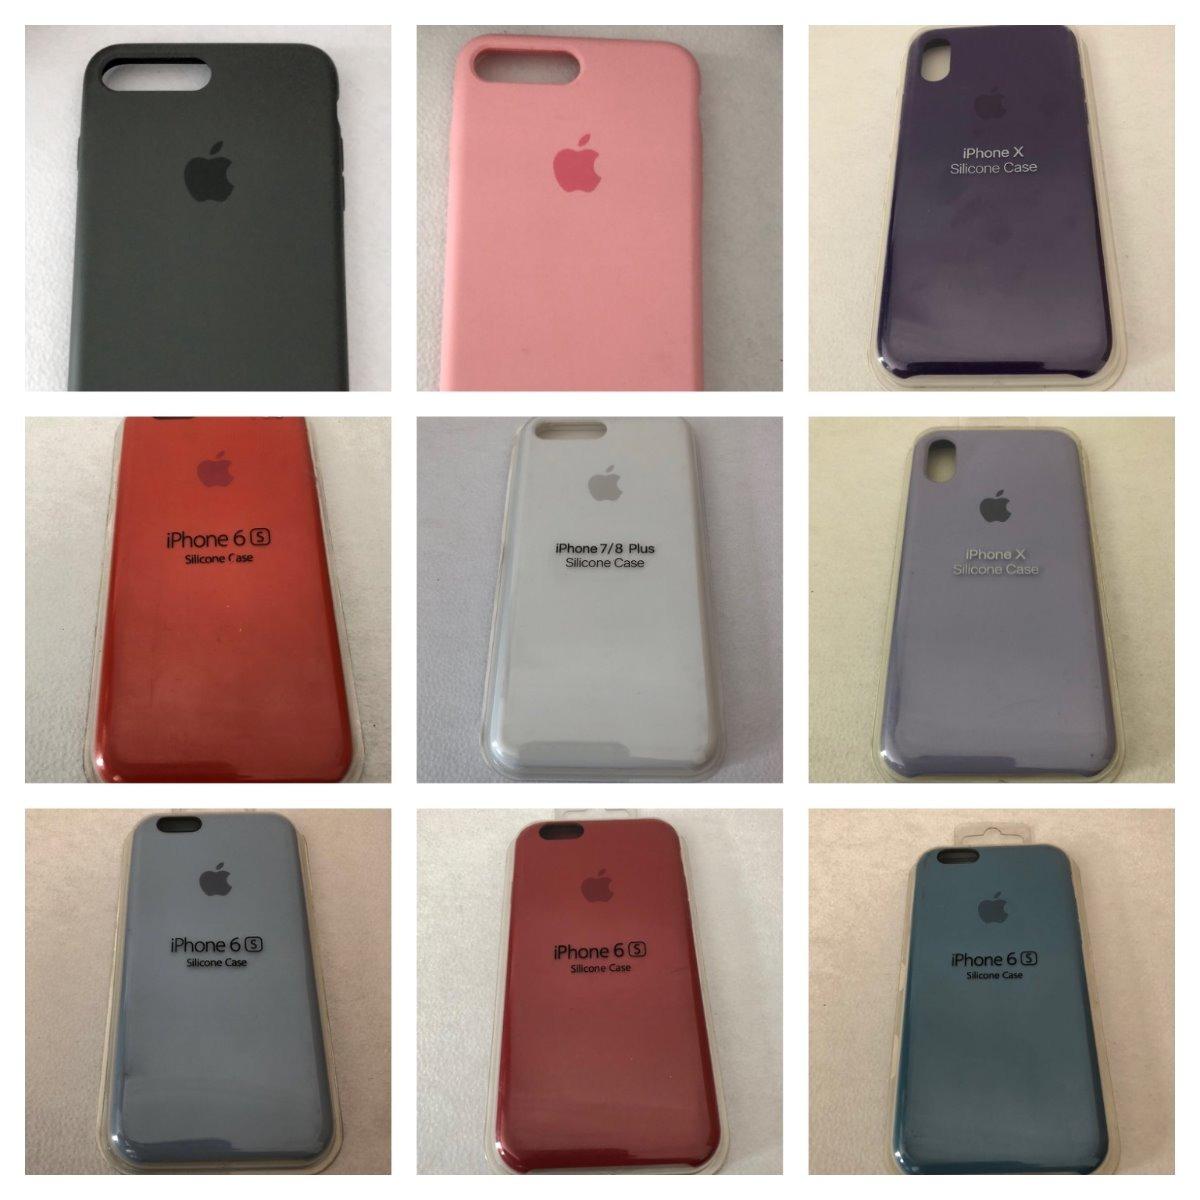 4f87e1b8ee6 Protector Tpu De Silicon iPhone X - $ 170.00 en Mercado Libre